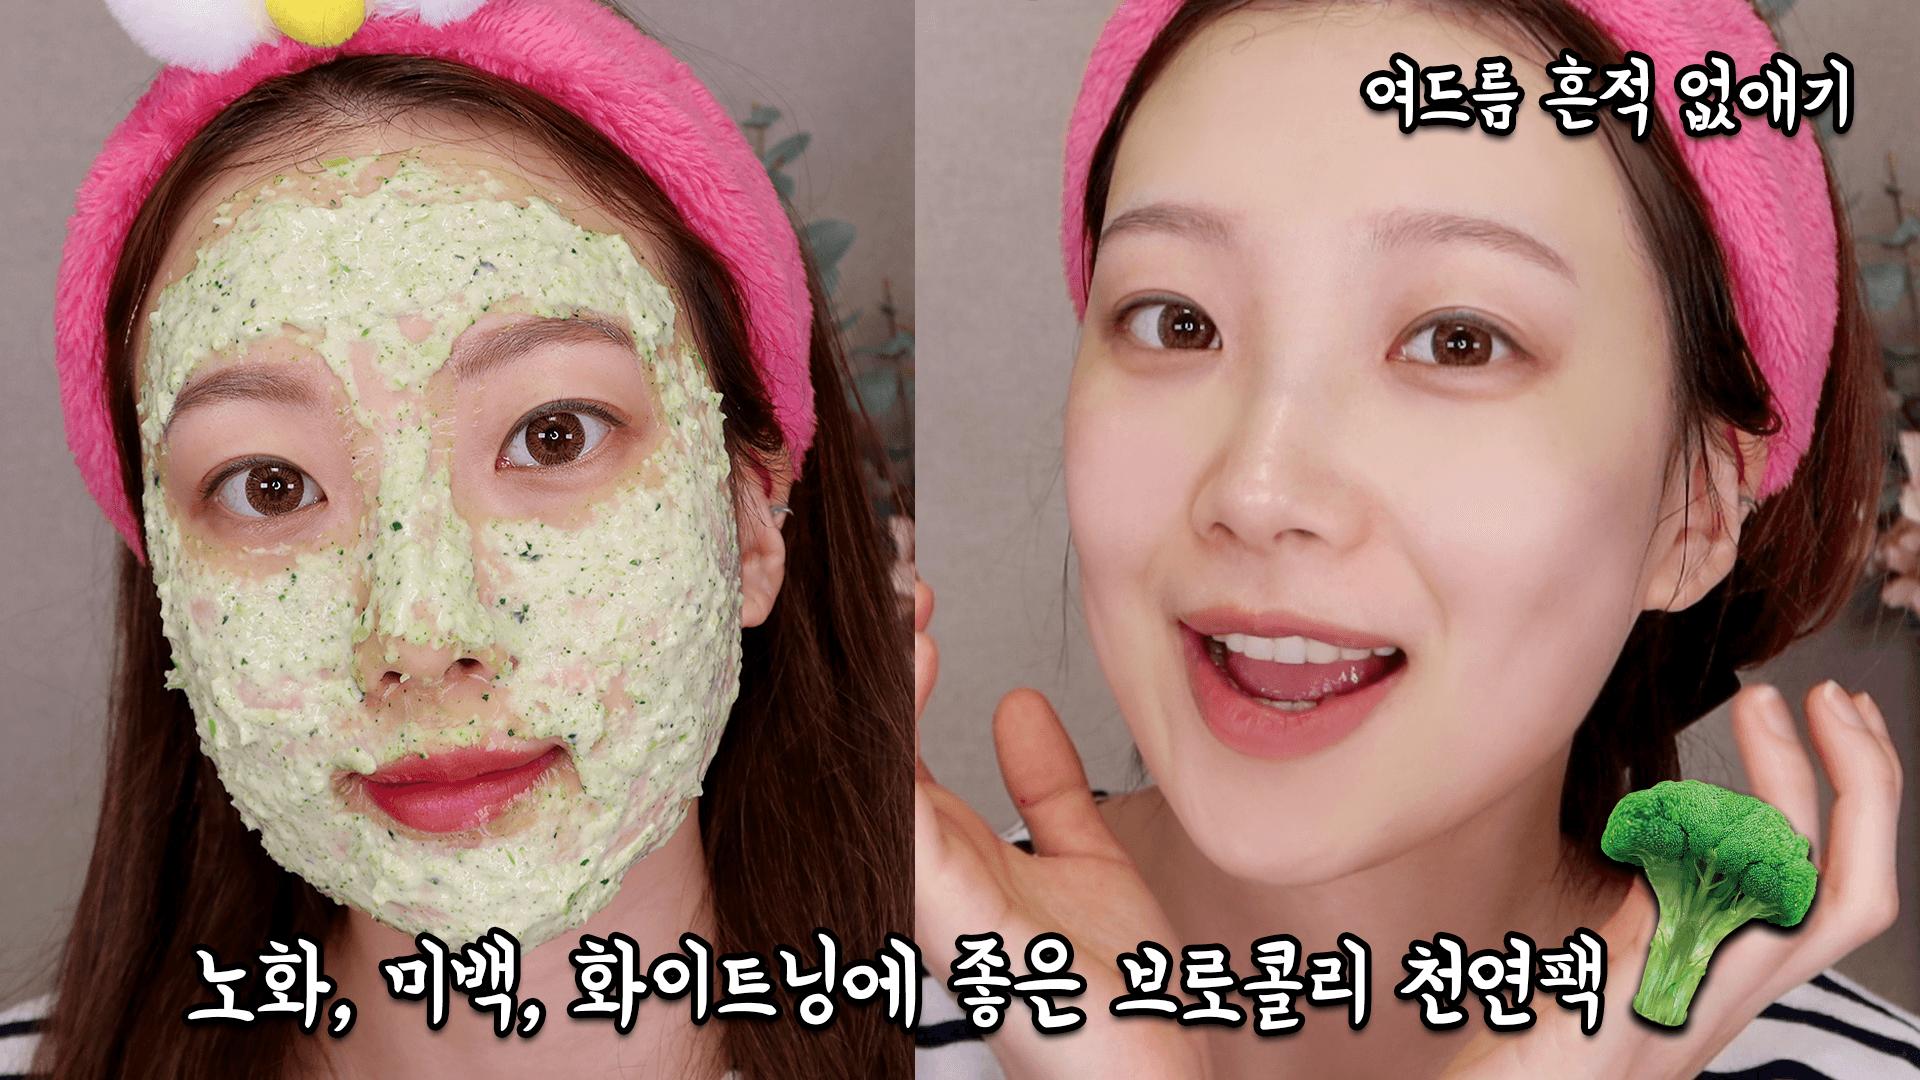 [천연팩] 집에서 노화, 미백, 화이트닝 관리?! 브로콜리팩 🥦(여드름 흔적, 기미에 좋음) ⎮ 미소정 MisoJeong